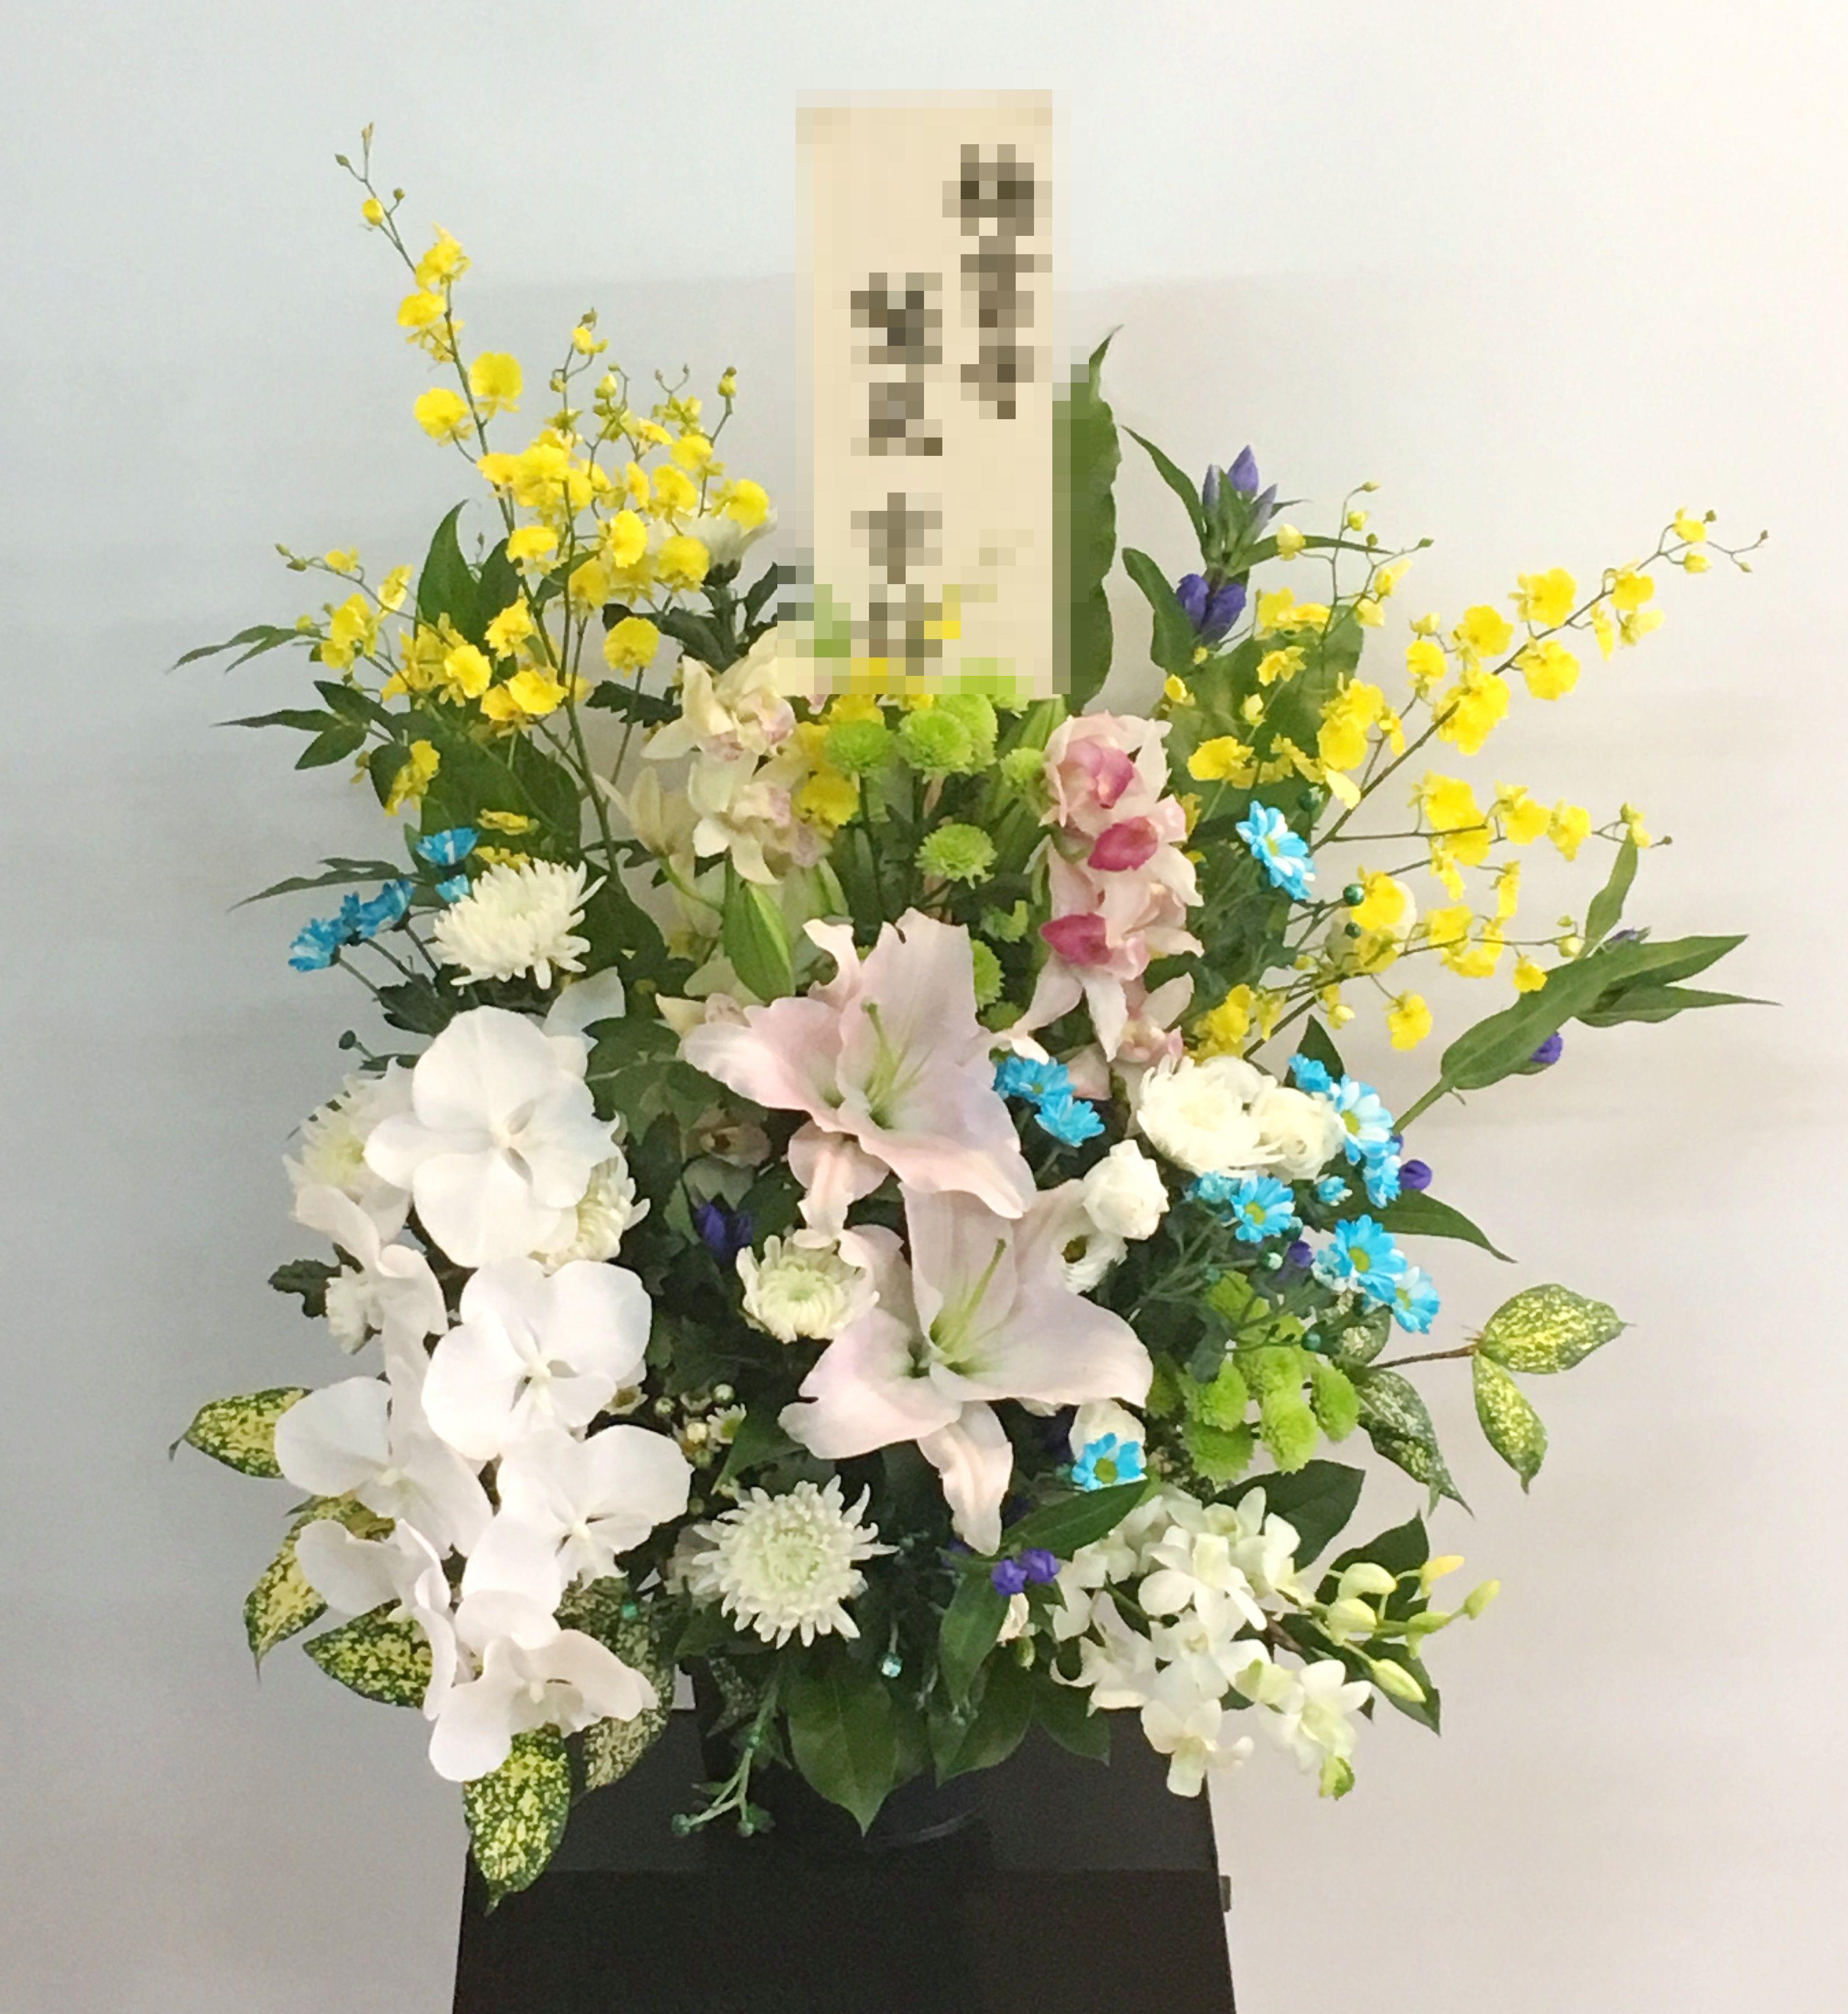 【ナオ花屋の納品事例85】横浜市のお寺さんへお供えアレンジメントを配達しました!